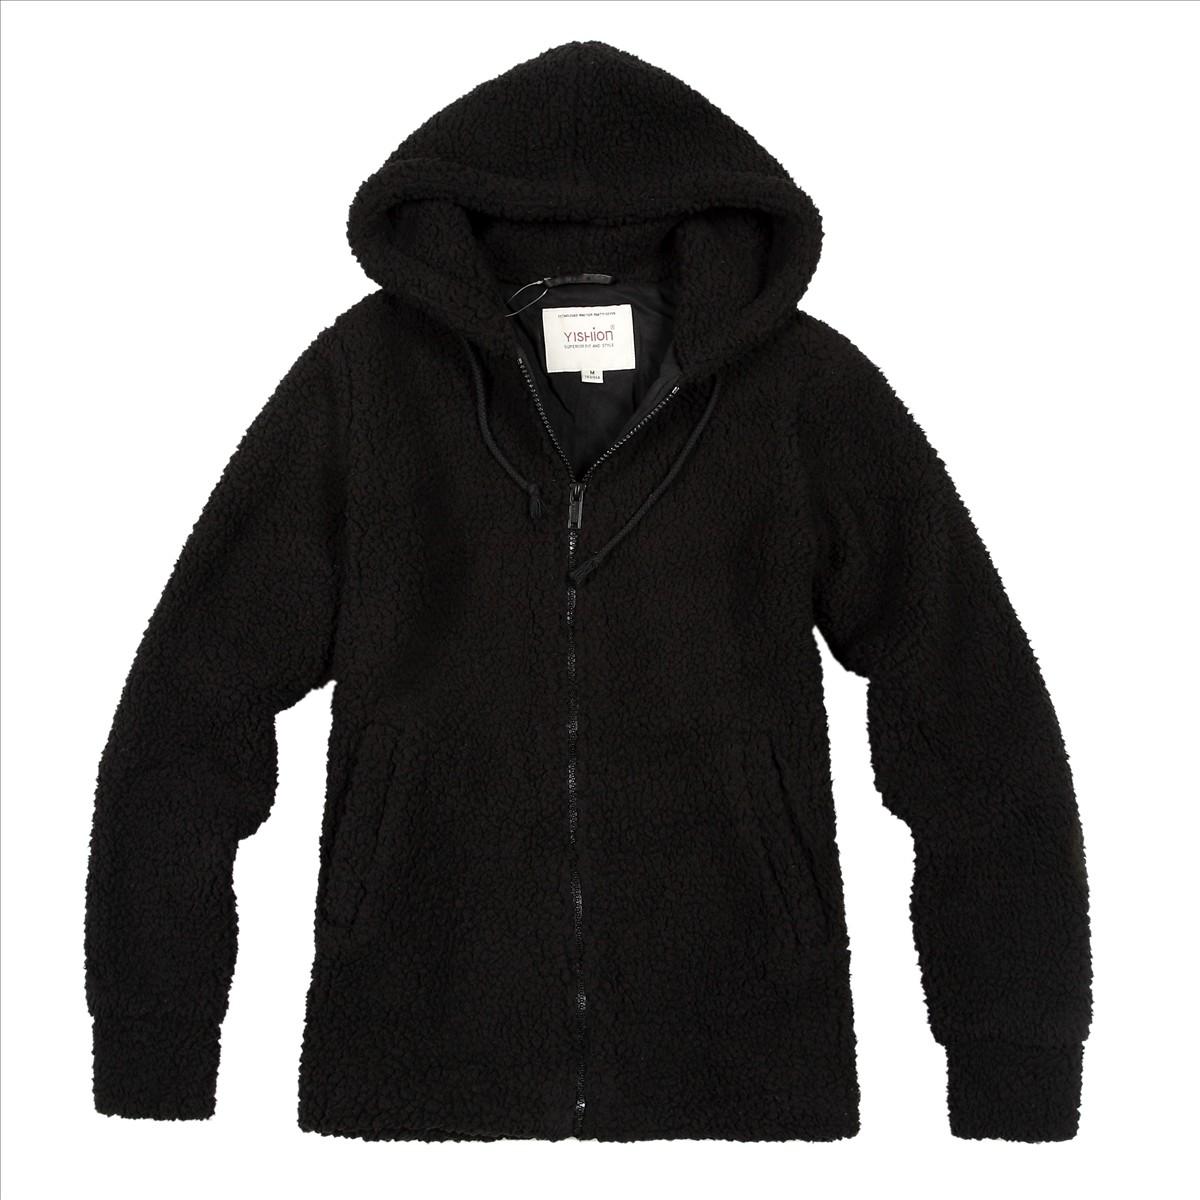 Короткая куртка Yishion 10321131 199 Городской стиль Прямой Обычная Длинный рукав С капюшоном Классический рукав Молния Полиэстер Однотонный цвет Обычный размер (50 см <длина одежды ≤ 65 см)